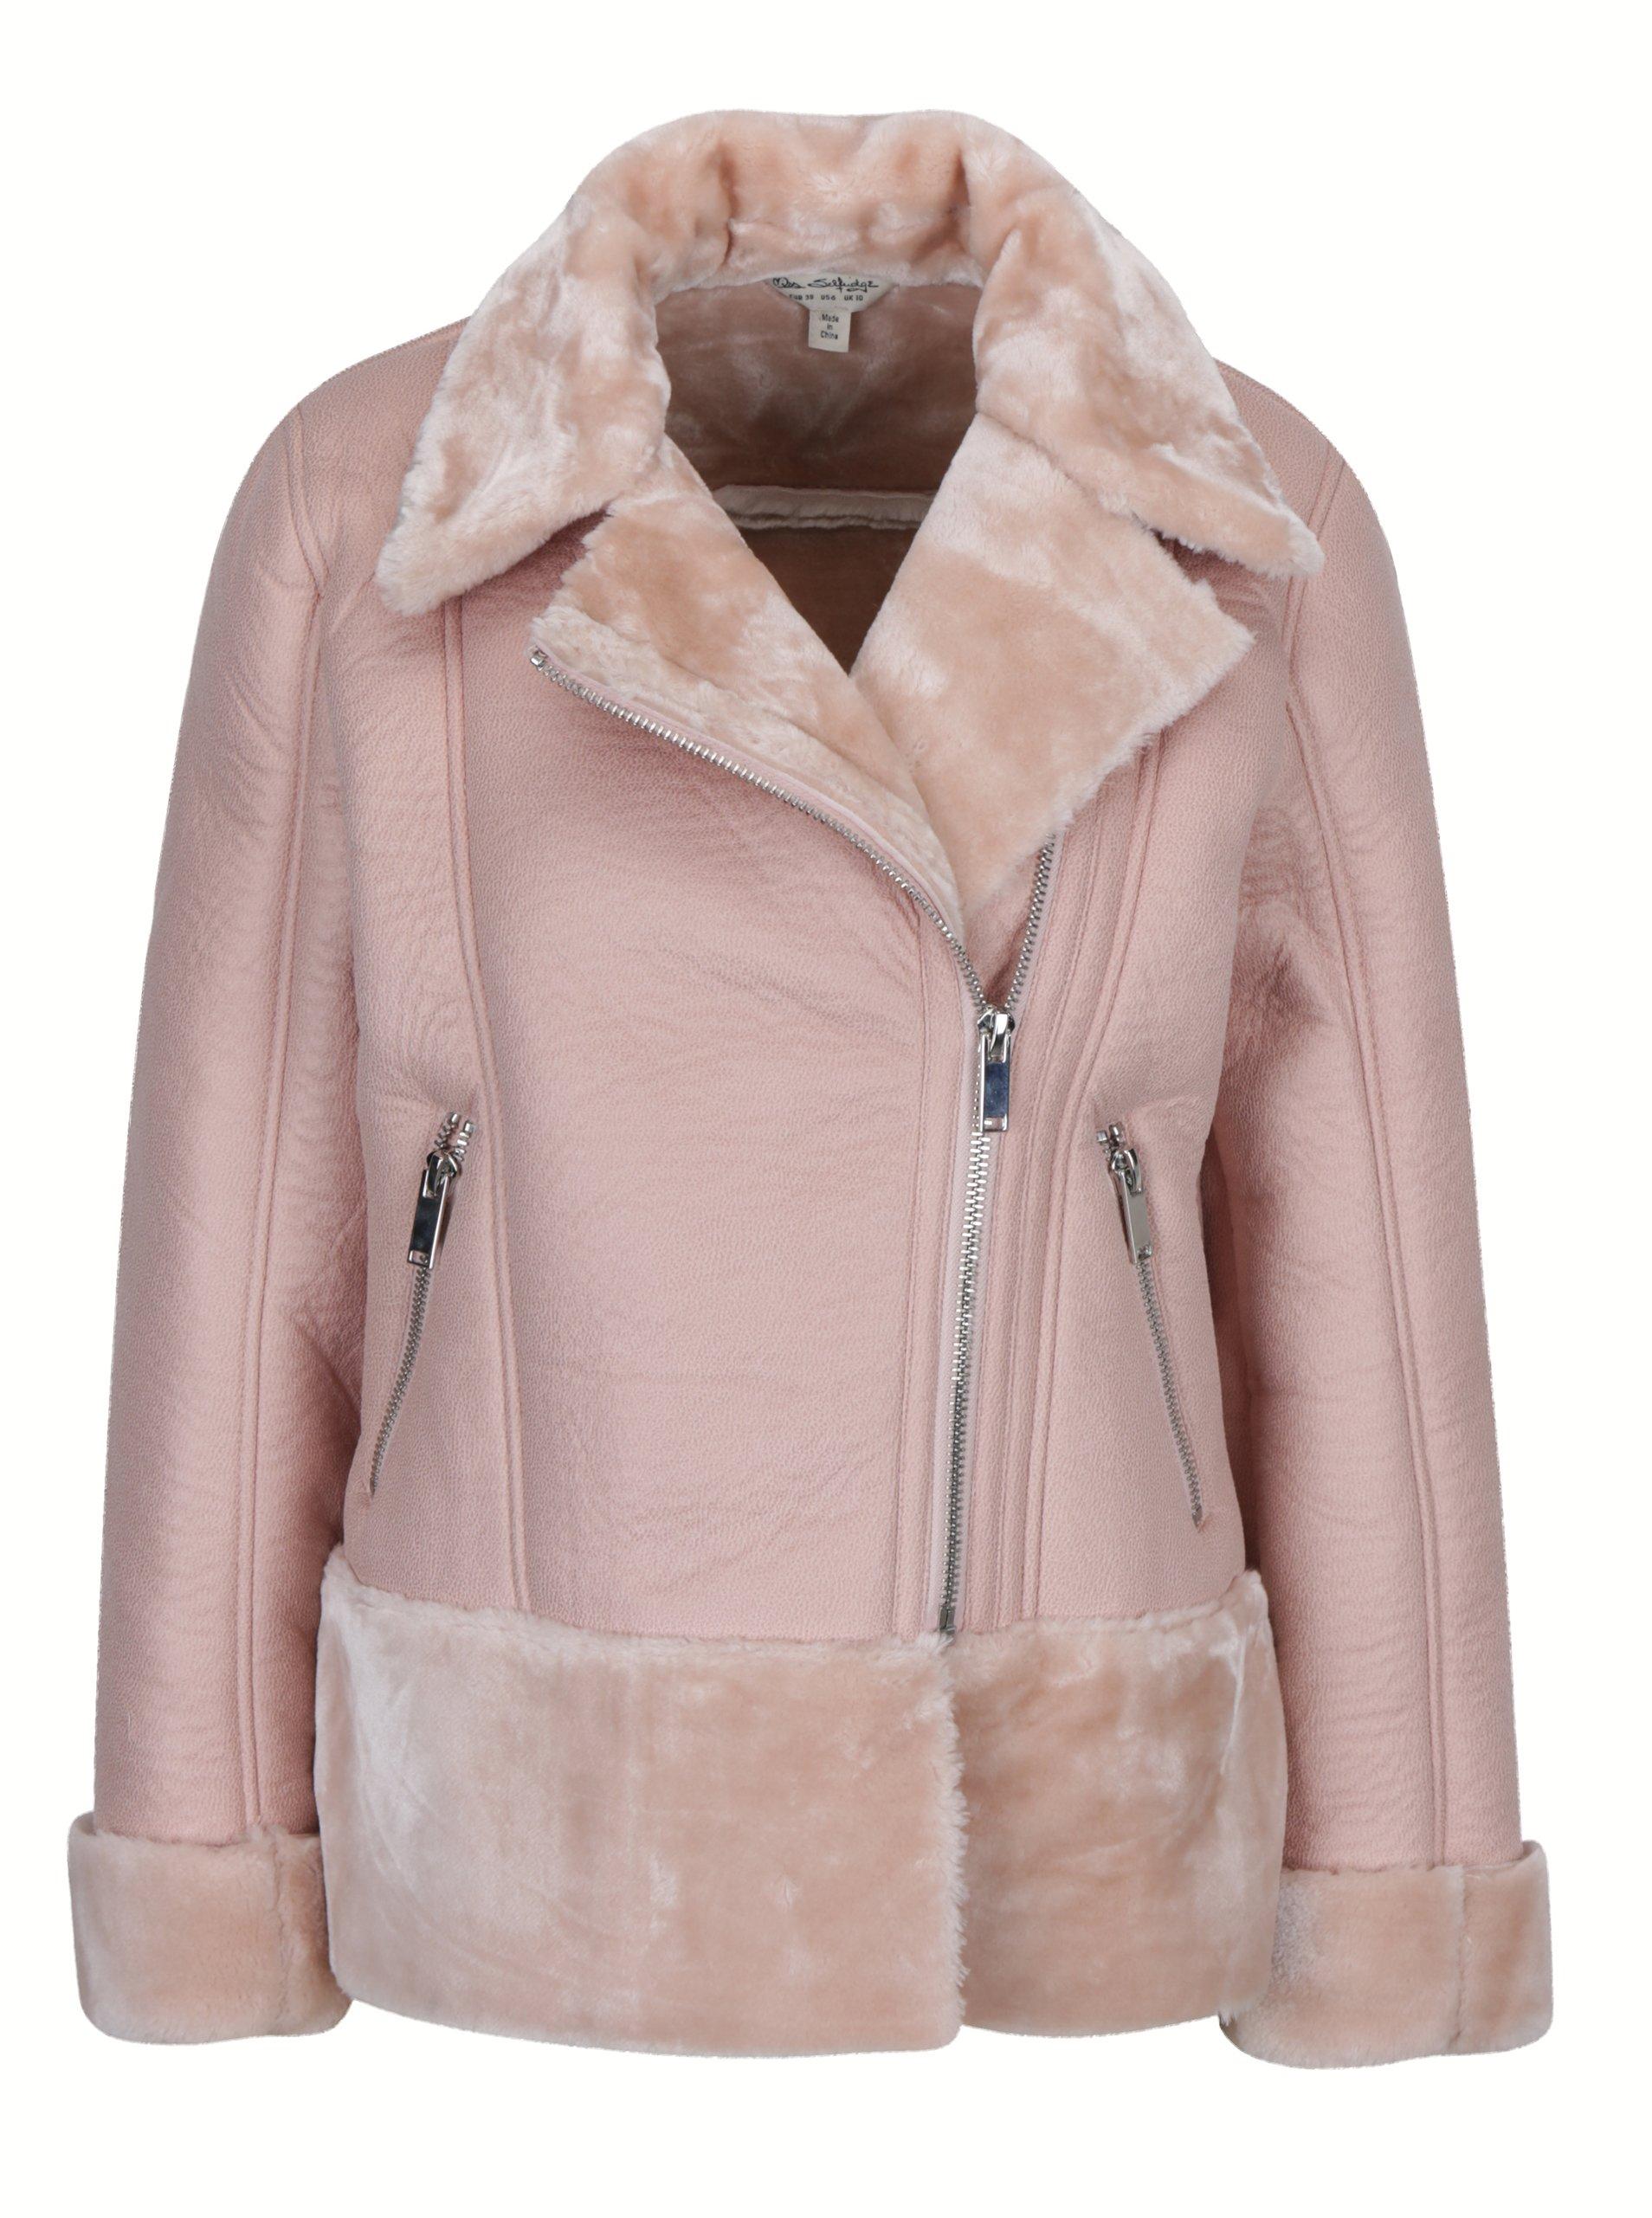 Staroružová koženková bunda s umelým kožúškom Miss Selridge  7fcf8d9629b